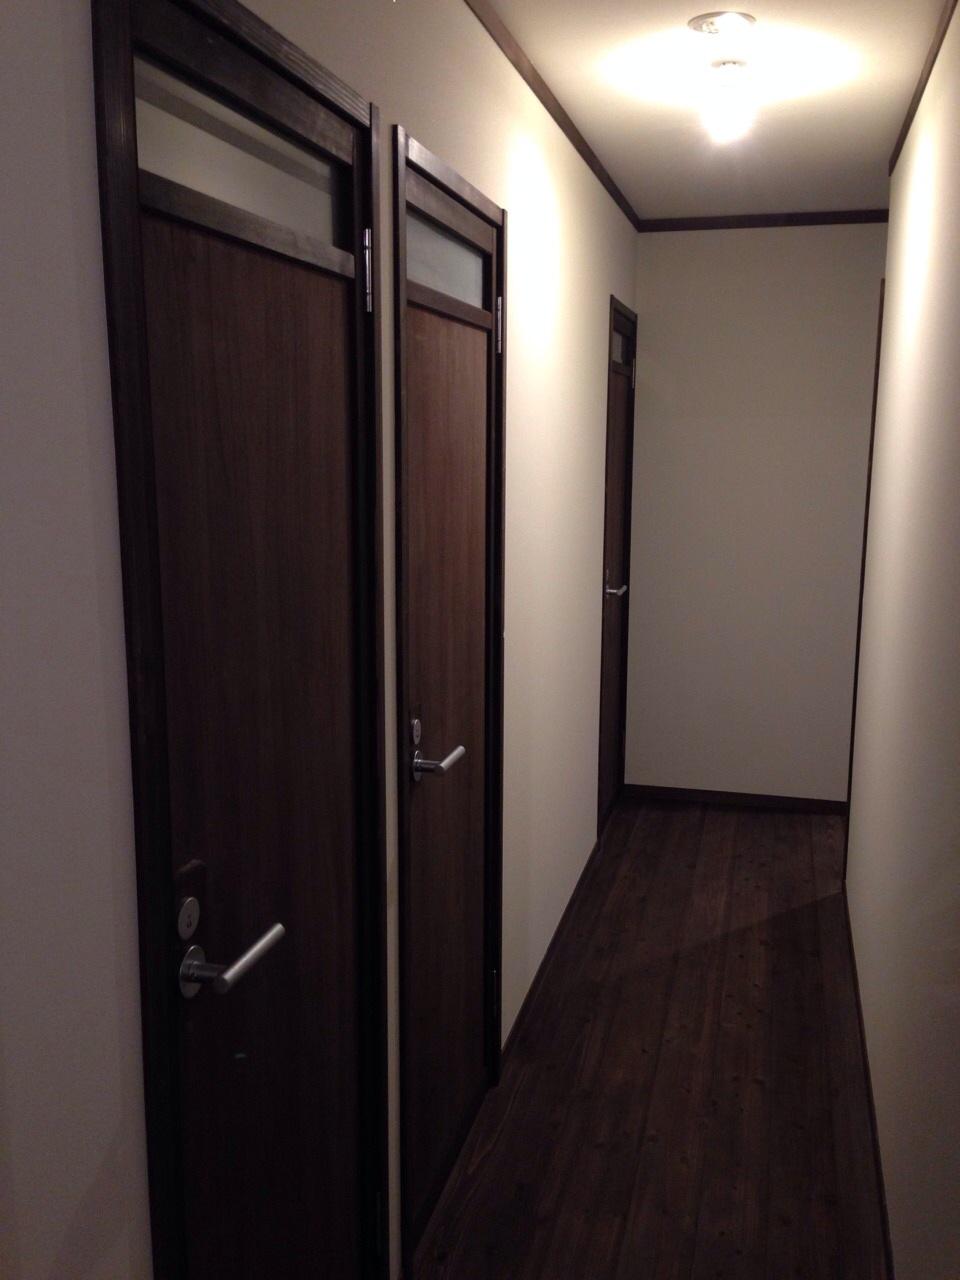 ゲストハウス白 - Guest House Shiro _c0110051_948359.jpg